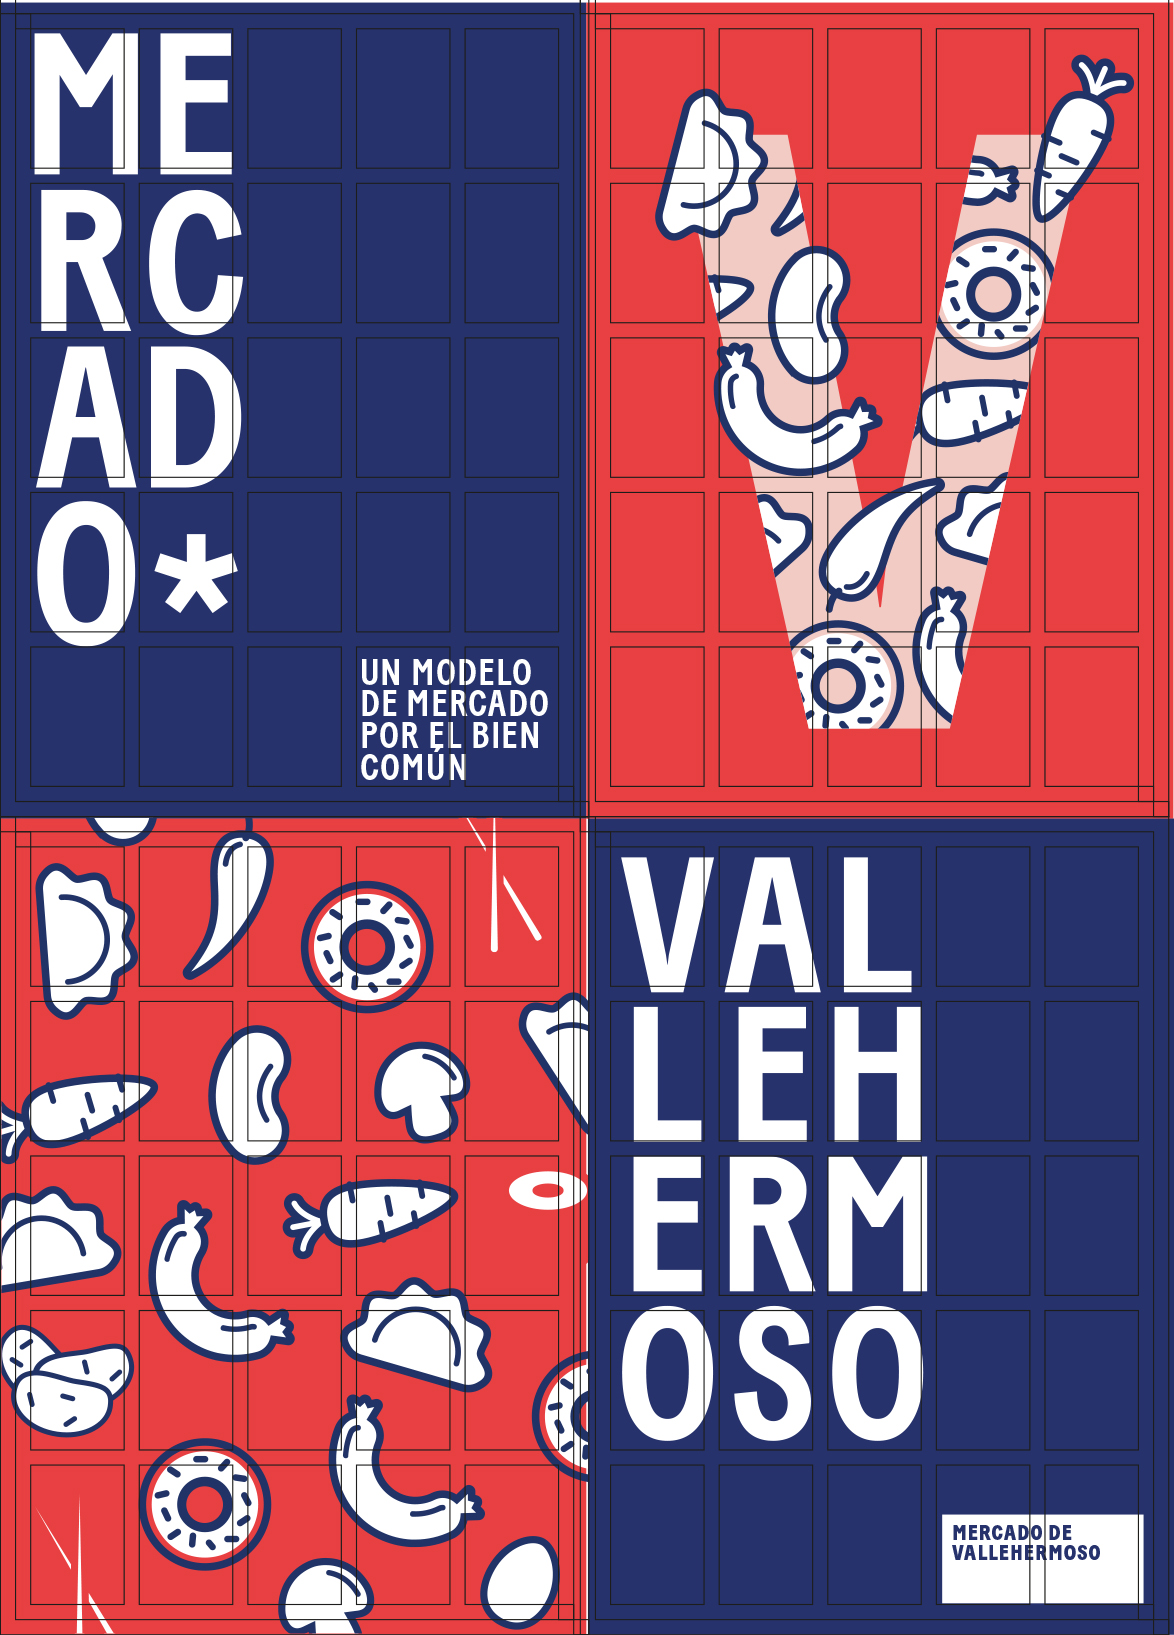 Mercado-vallehermoso-espinosa-10-B